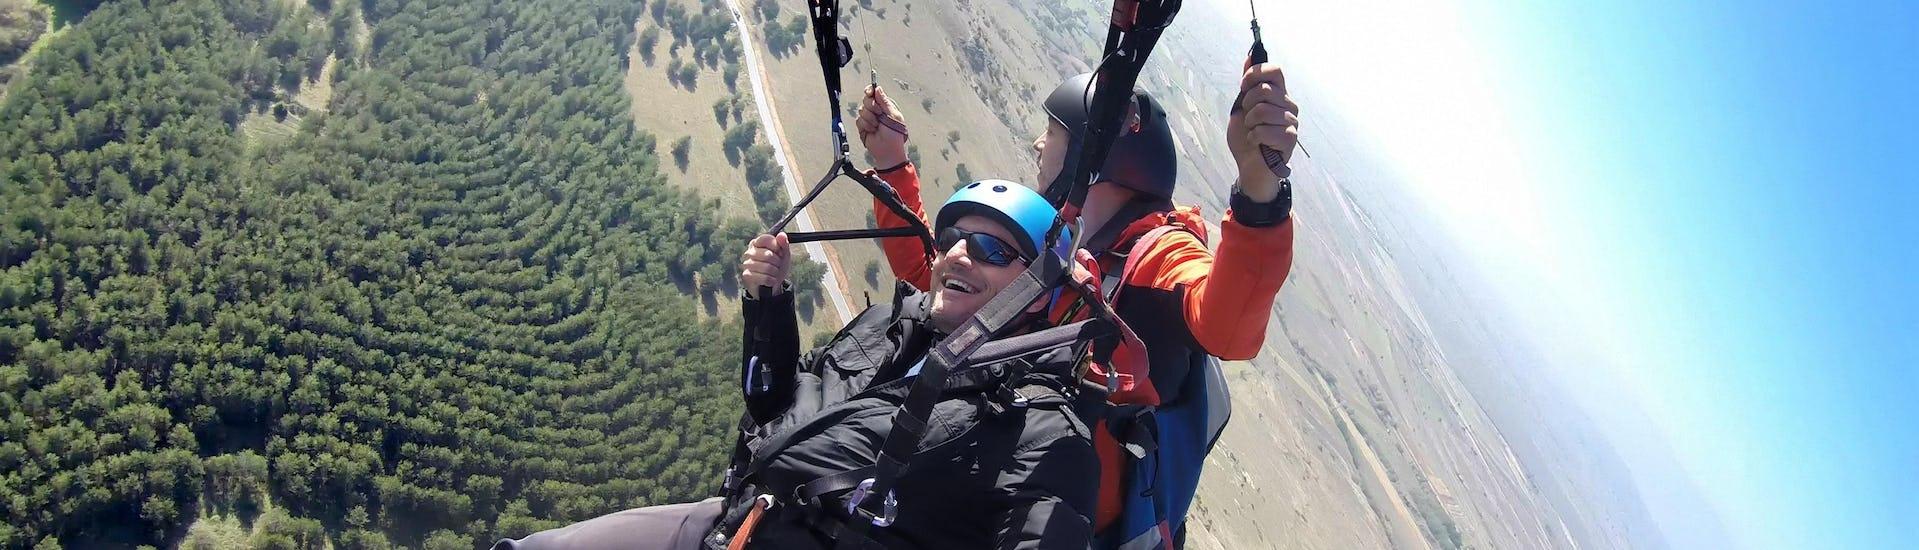 Un parapentiste est émerveillé par le paysage lors d'un vol en parapente biplace dans la célèbre destination de parapente Valais.